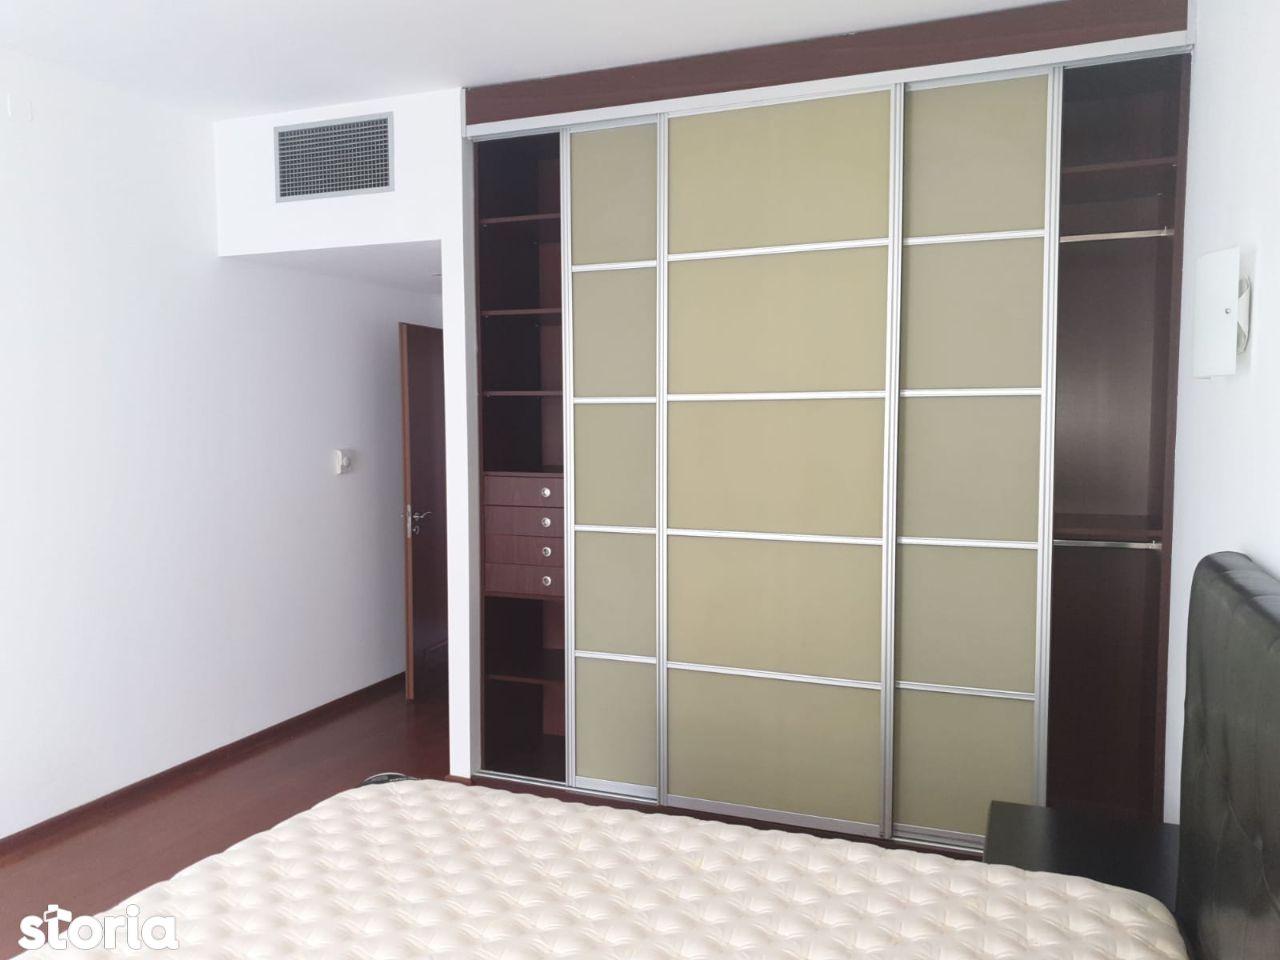 Apartament de inchiriat Al Alexandru sect 1, bloc 2005